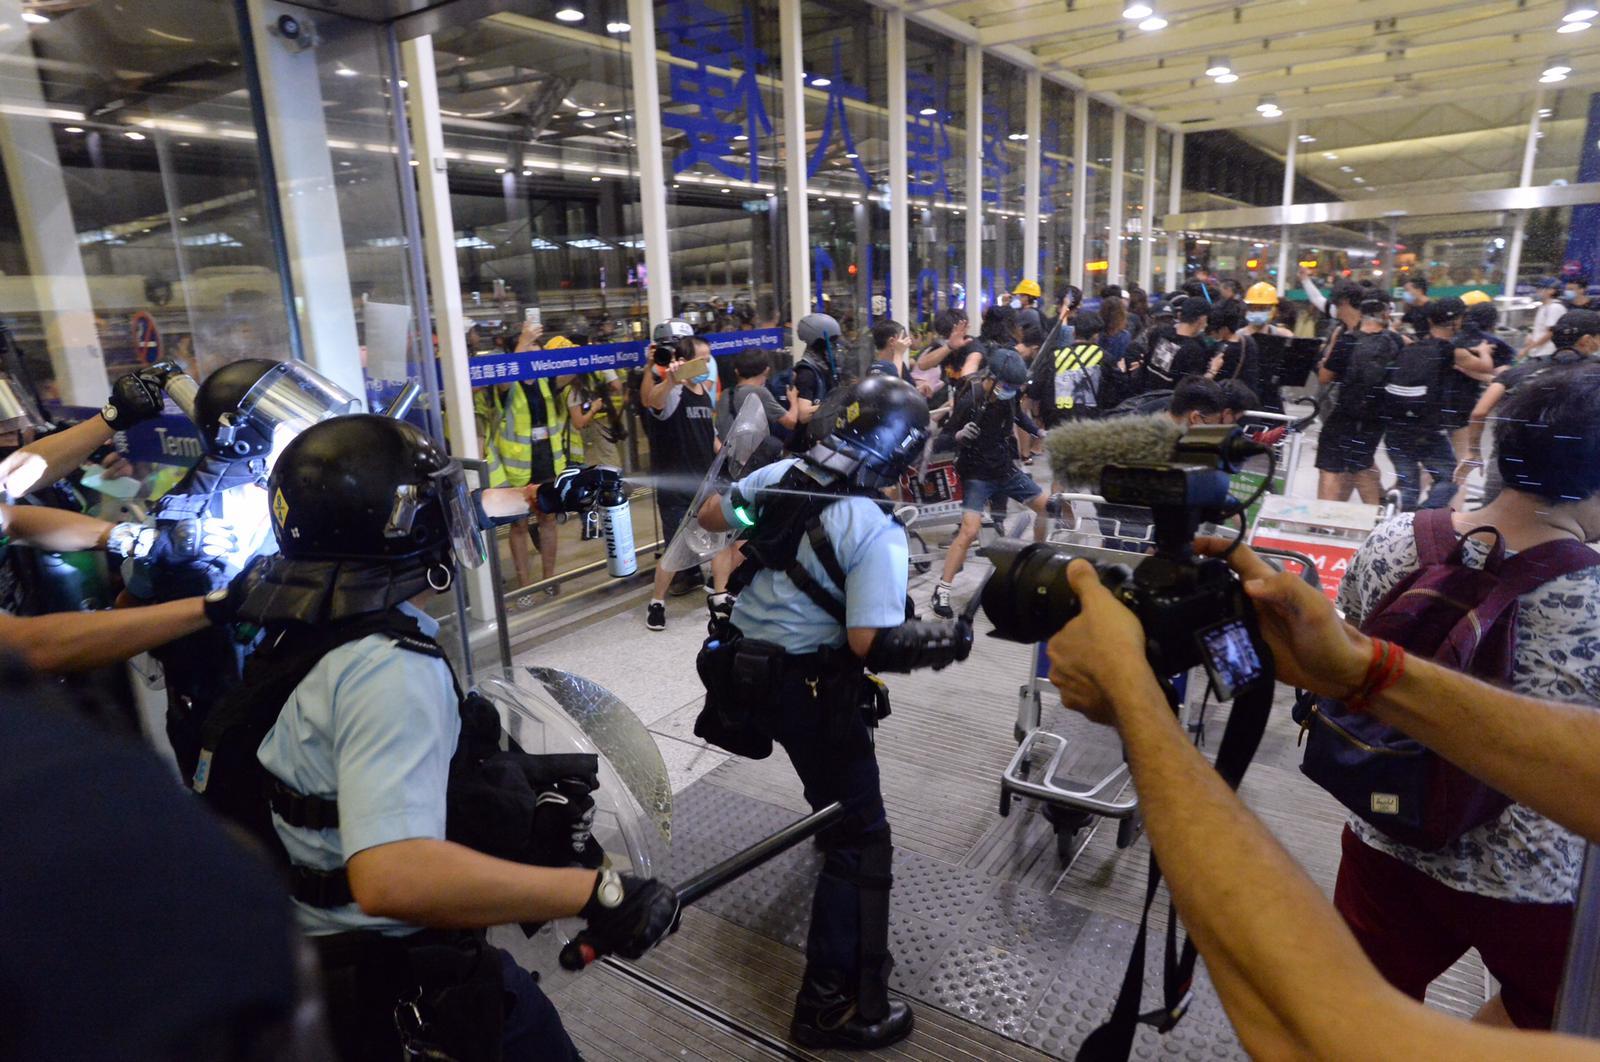 政府發言人凌晨發表聲明,譴責有示威者的暴力行為遠超文明社會底線。